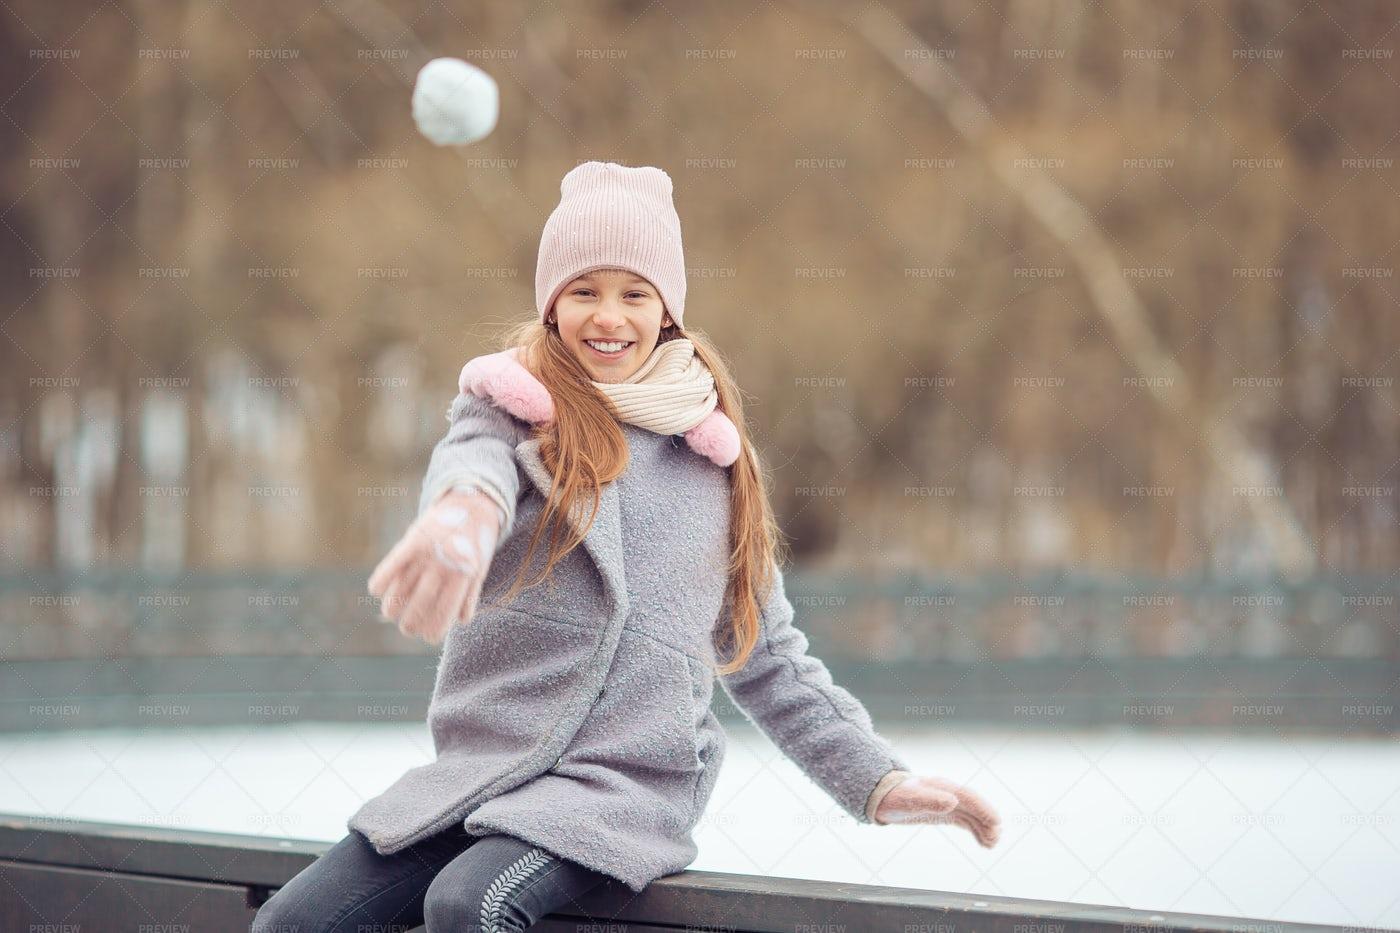 Girl Throwing A Snowball: Stock Photos